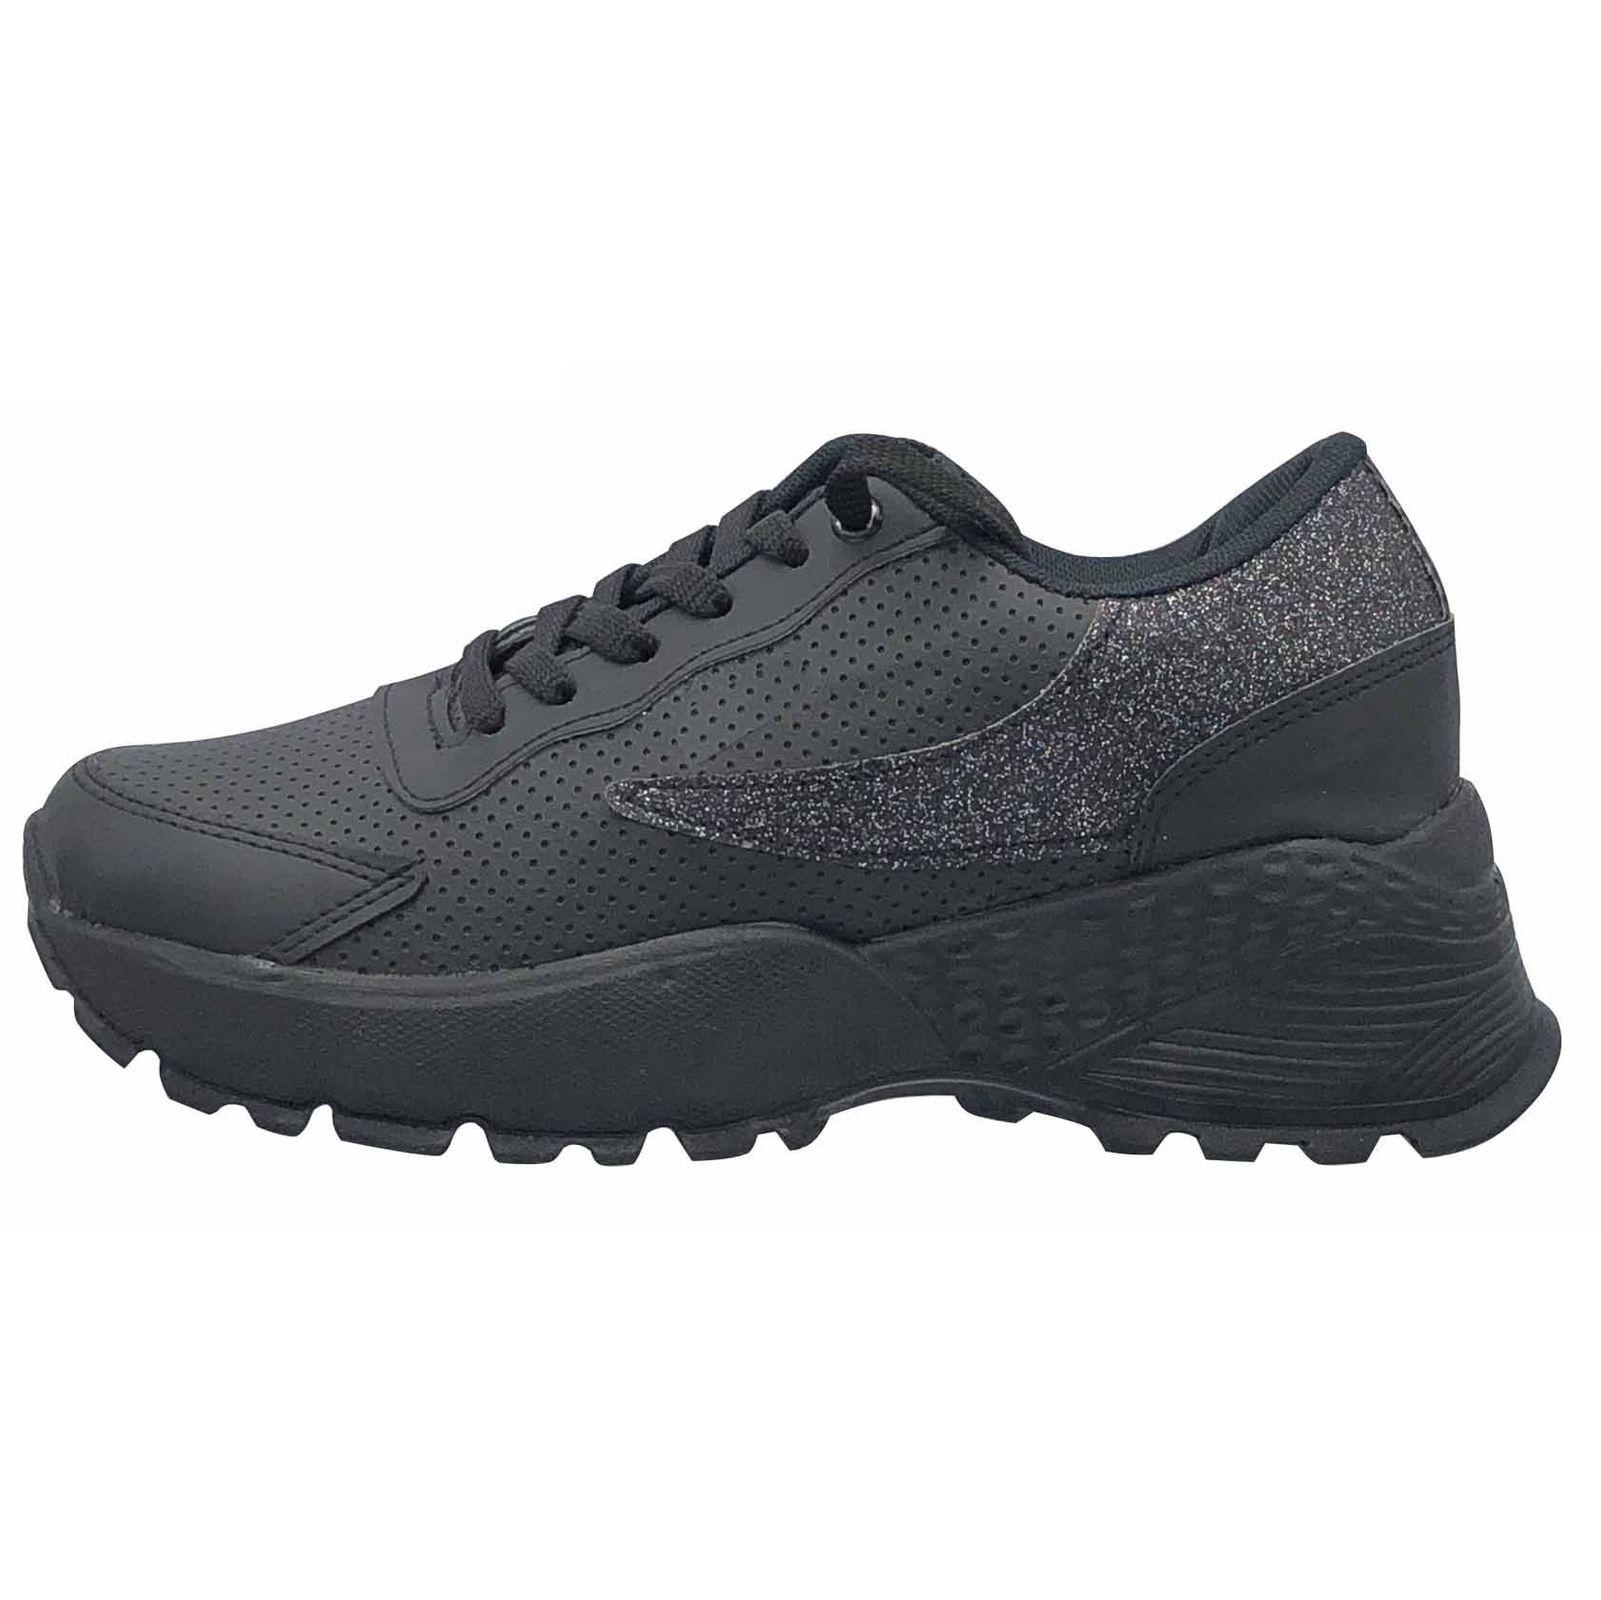 کفش مخصوص پیاده روی زنانه کد 9811  main 1 1